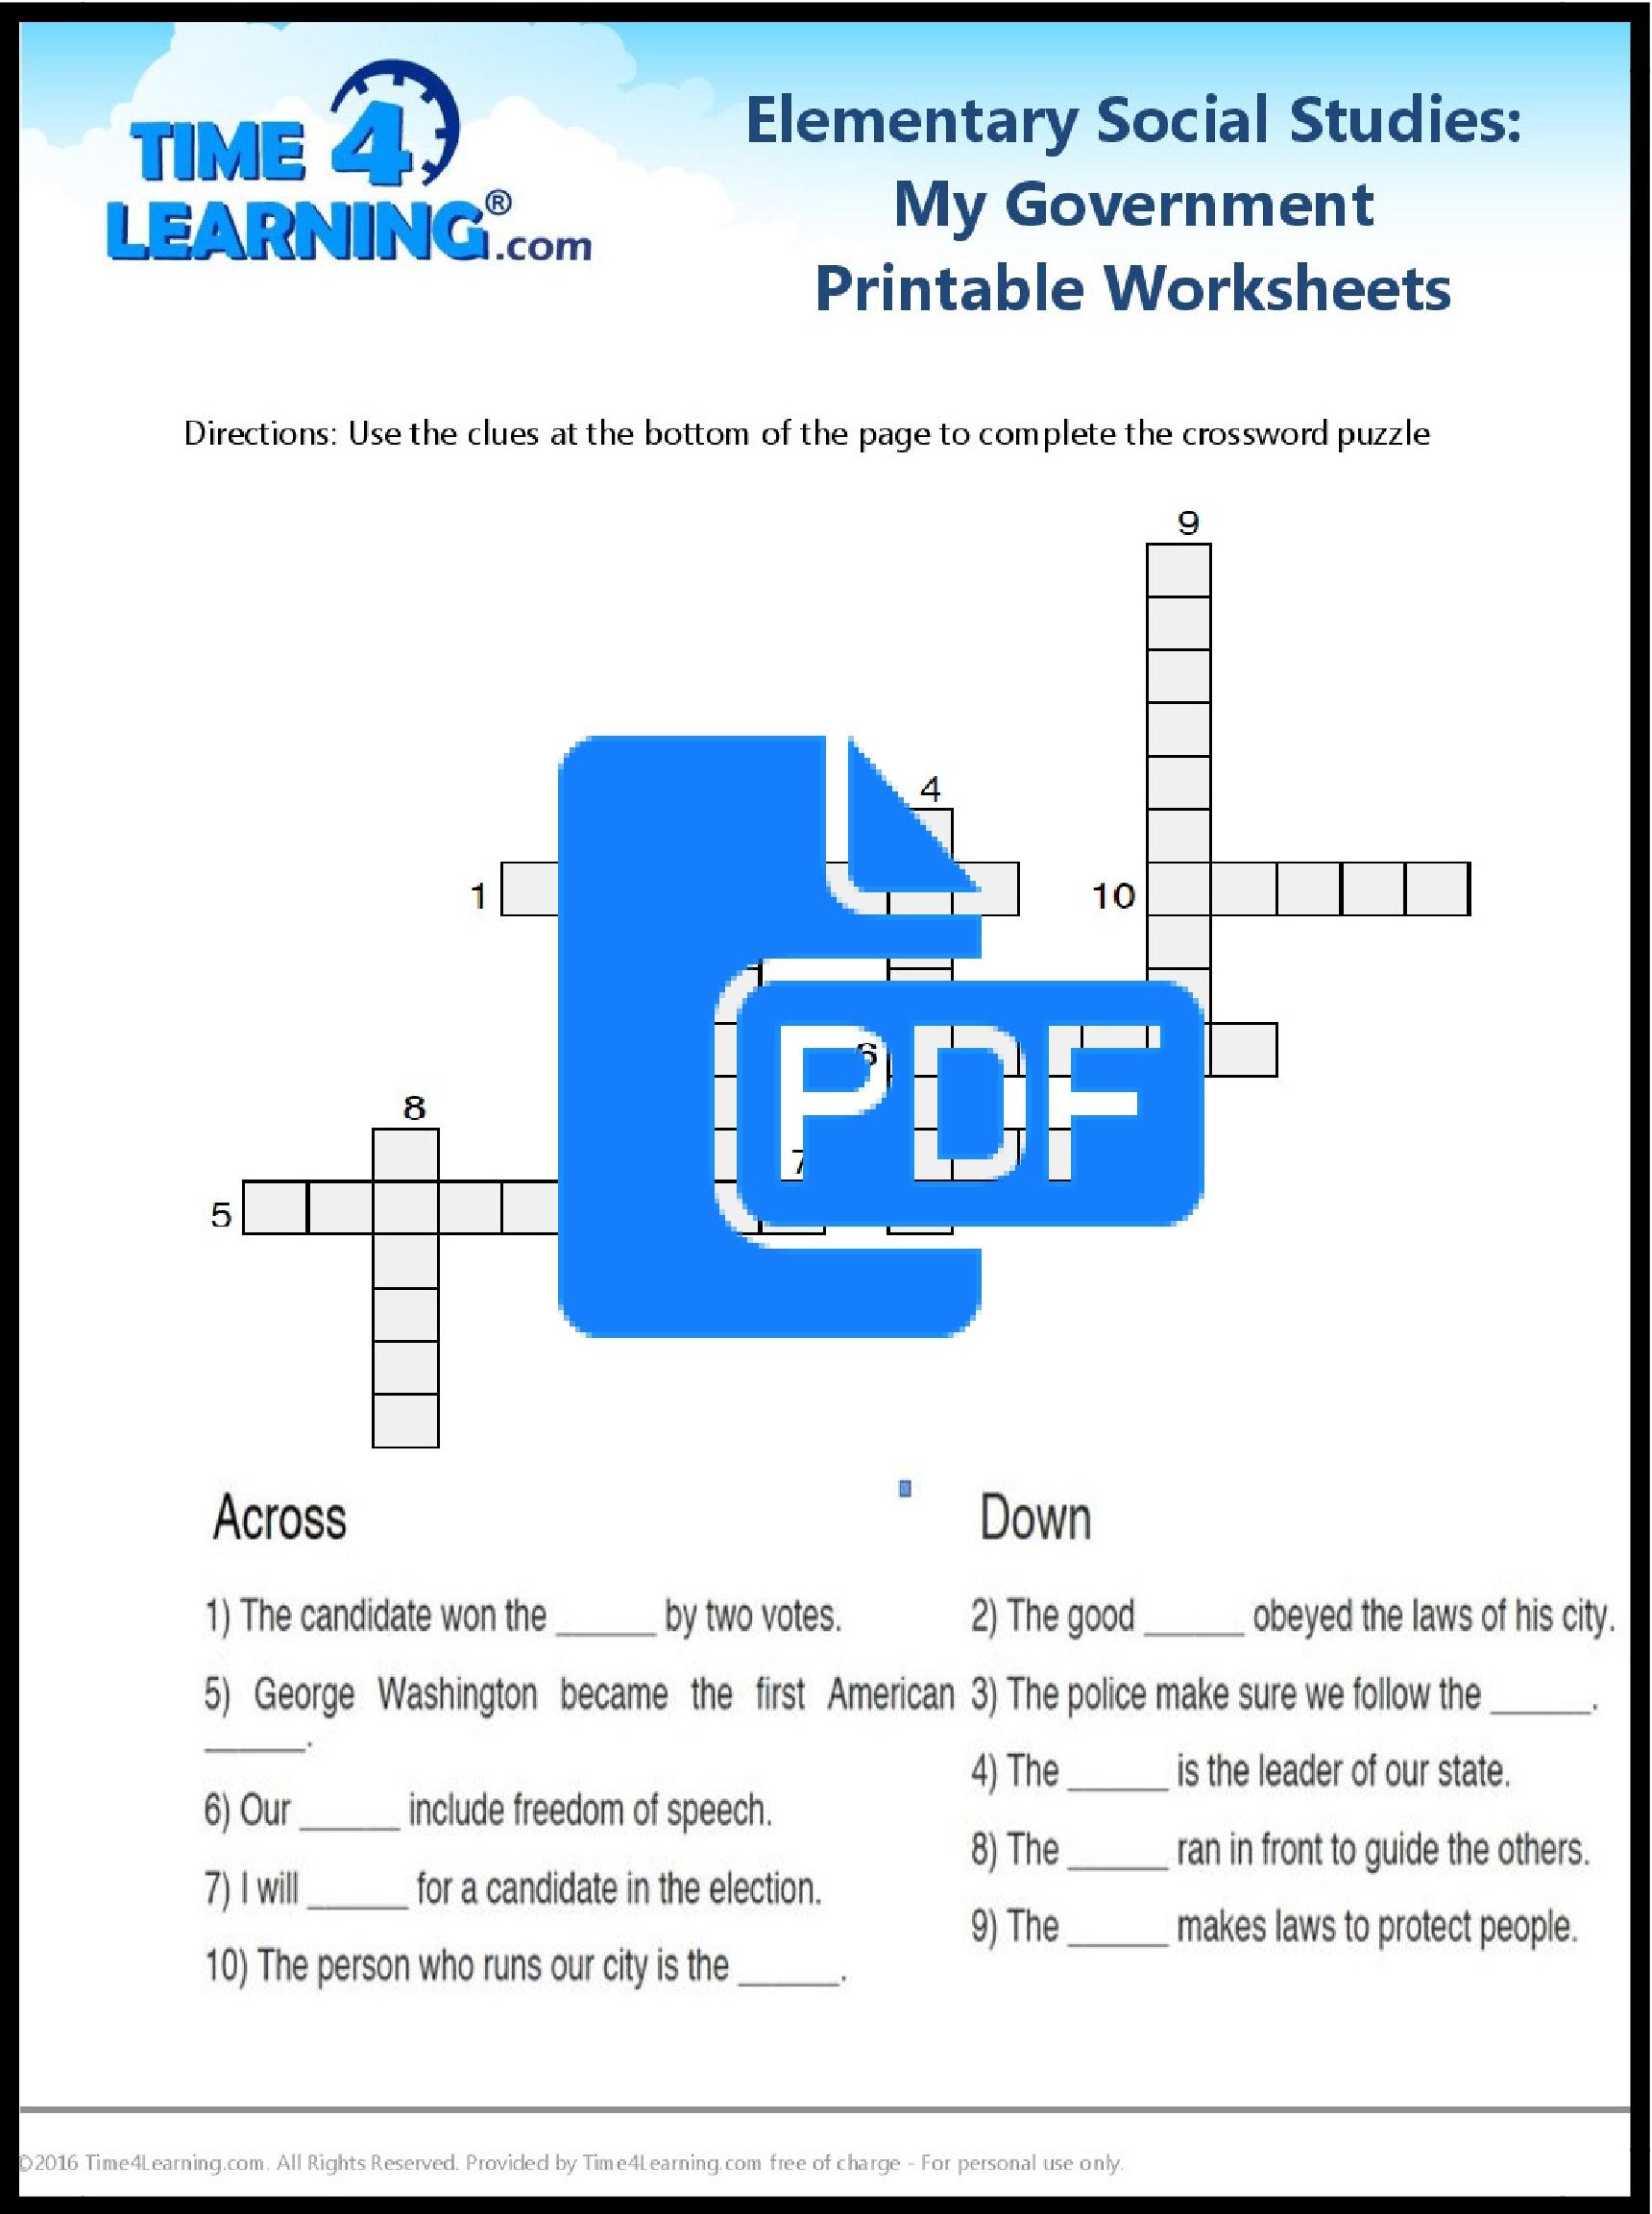 Free Printable: Elementary Social Studies Worksheet | Time4Learning | Elementary Social Studies Worksheets Printable